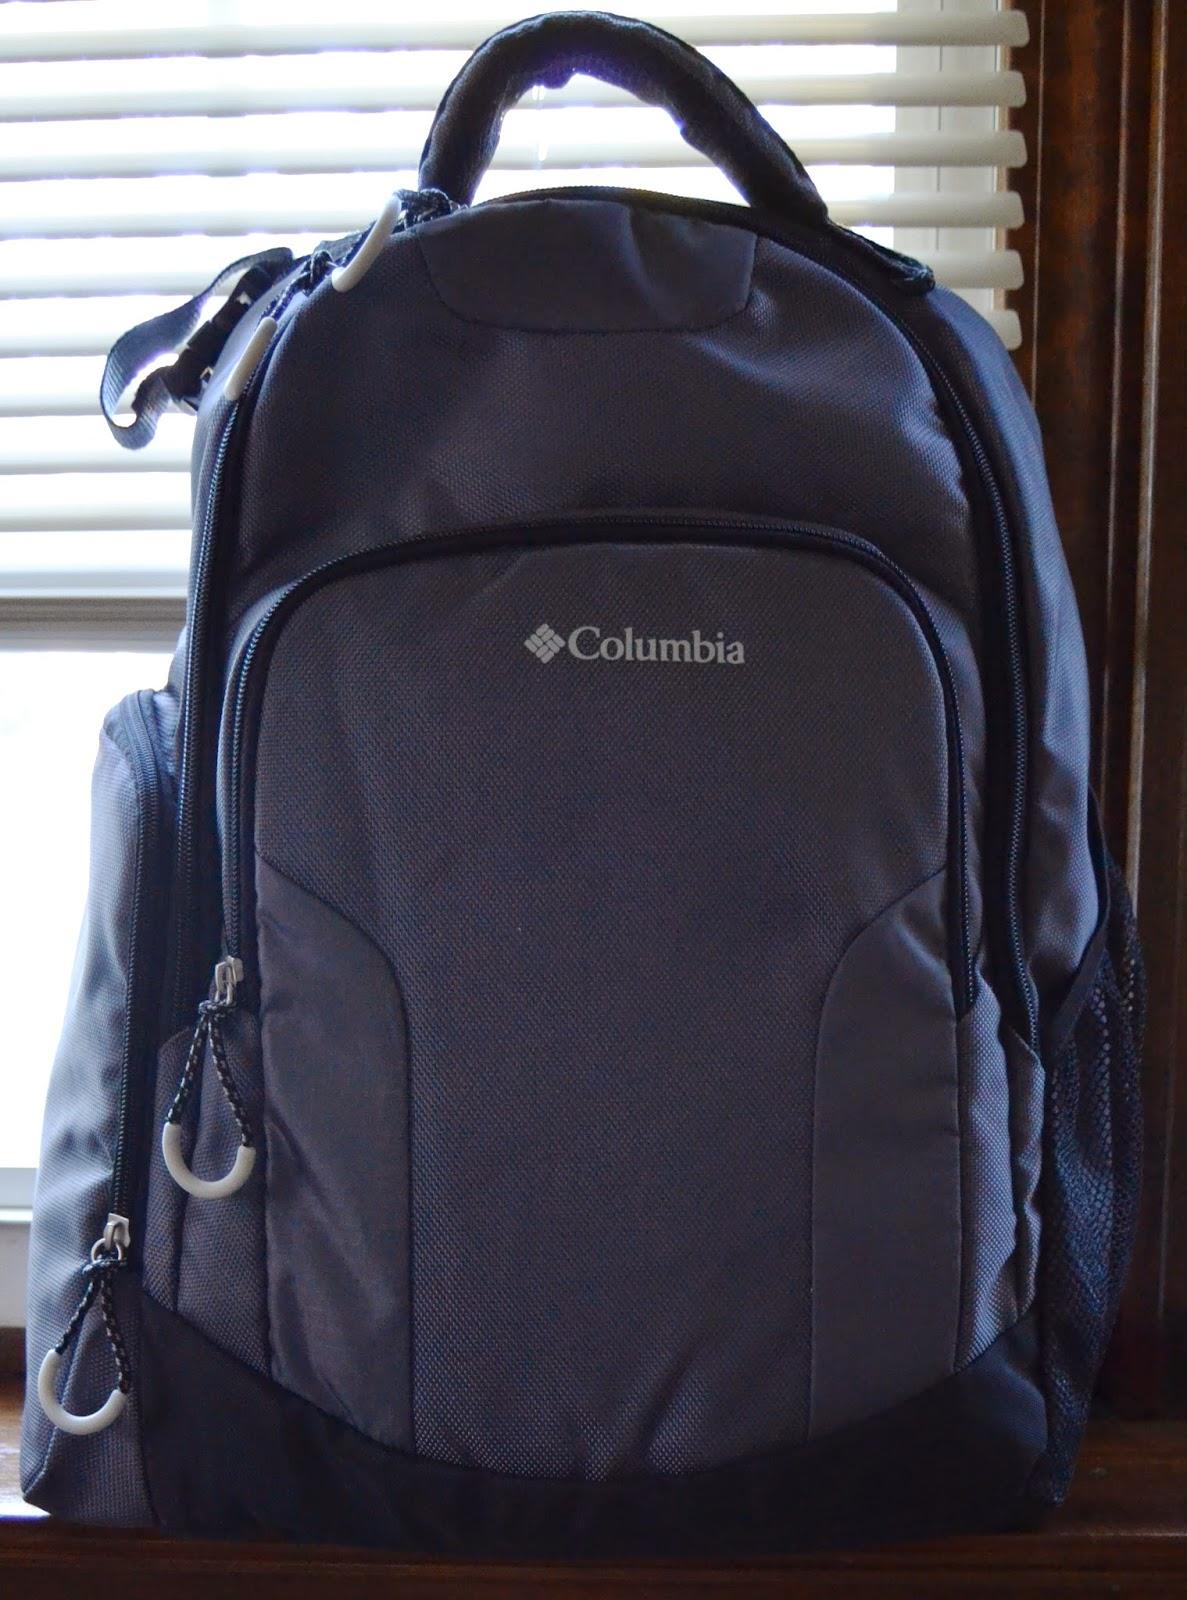 Columbia Backpack Diaper Bag